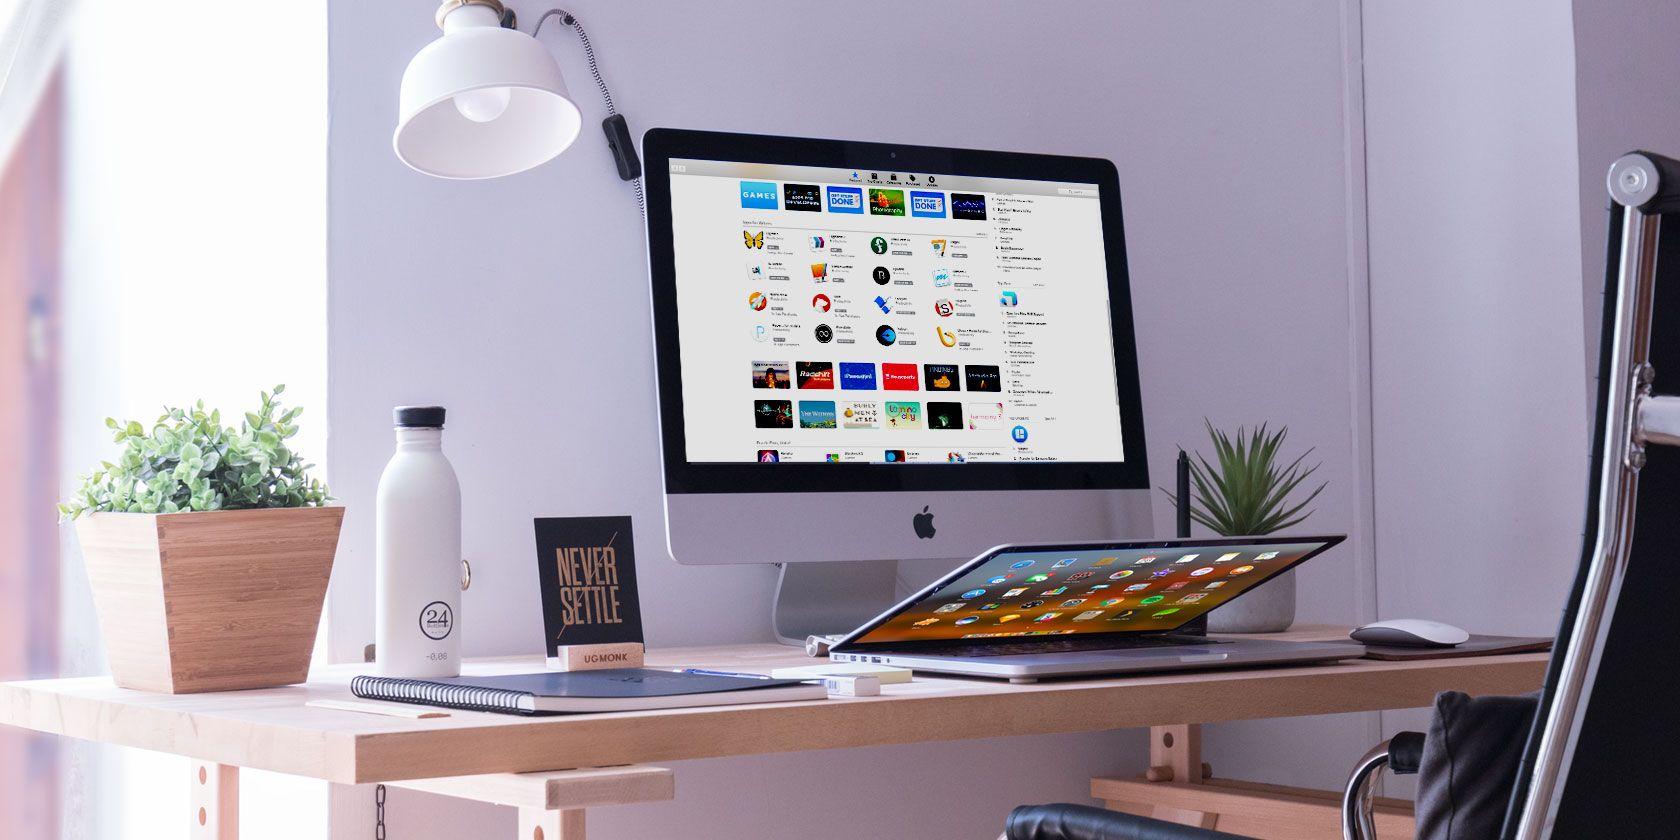 mac-apps-discounts